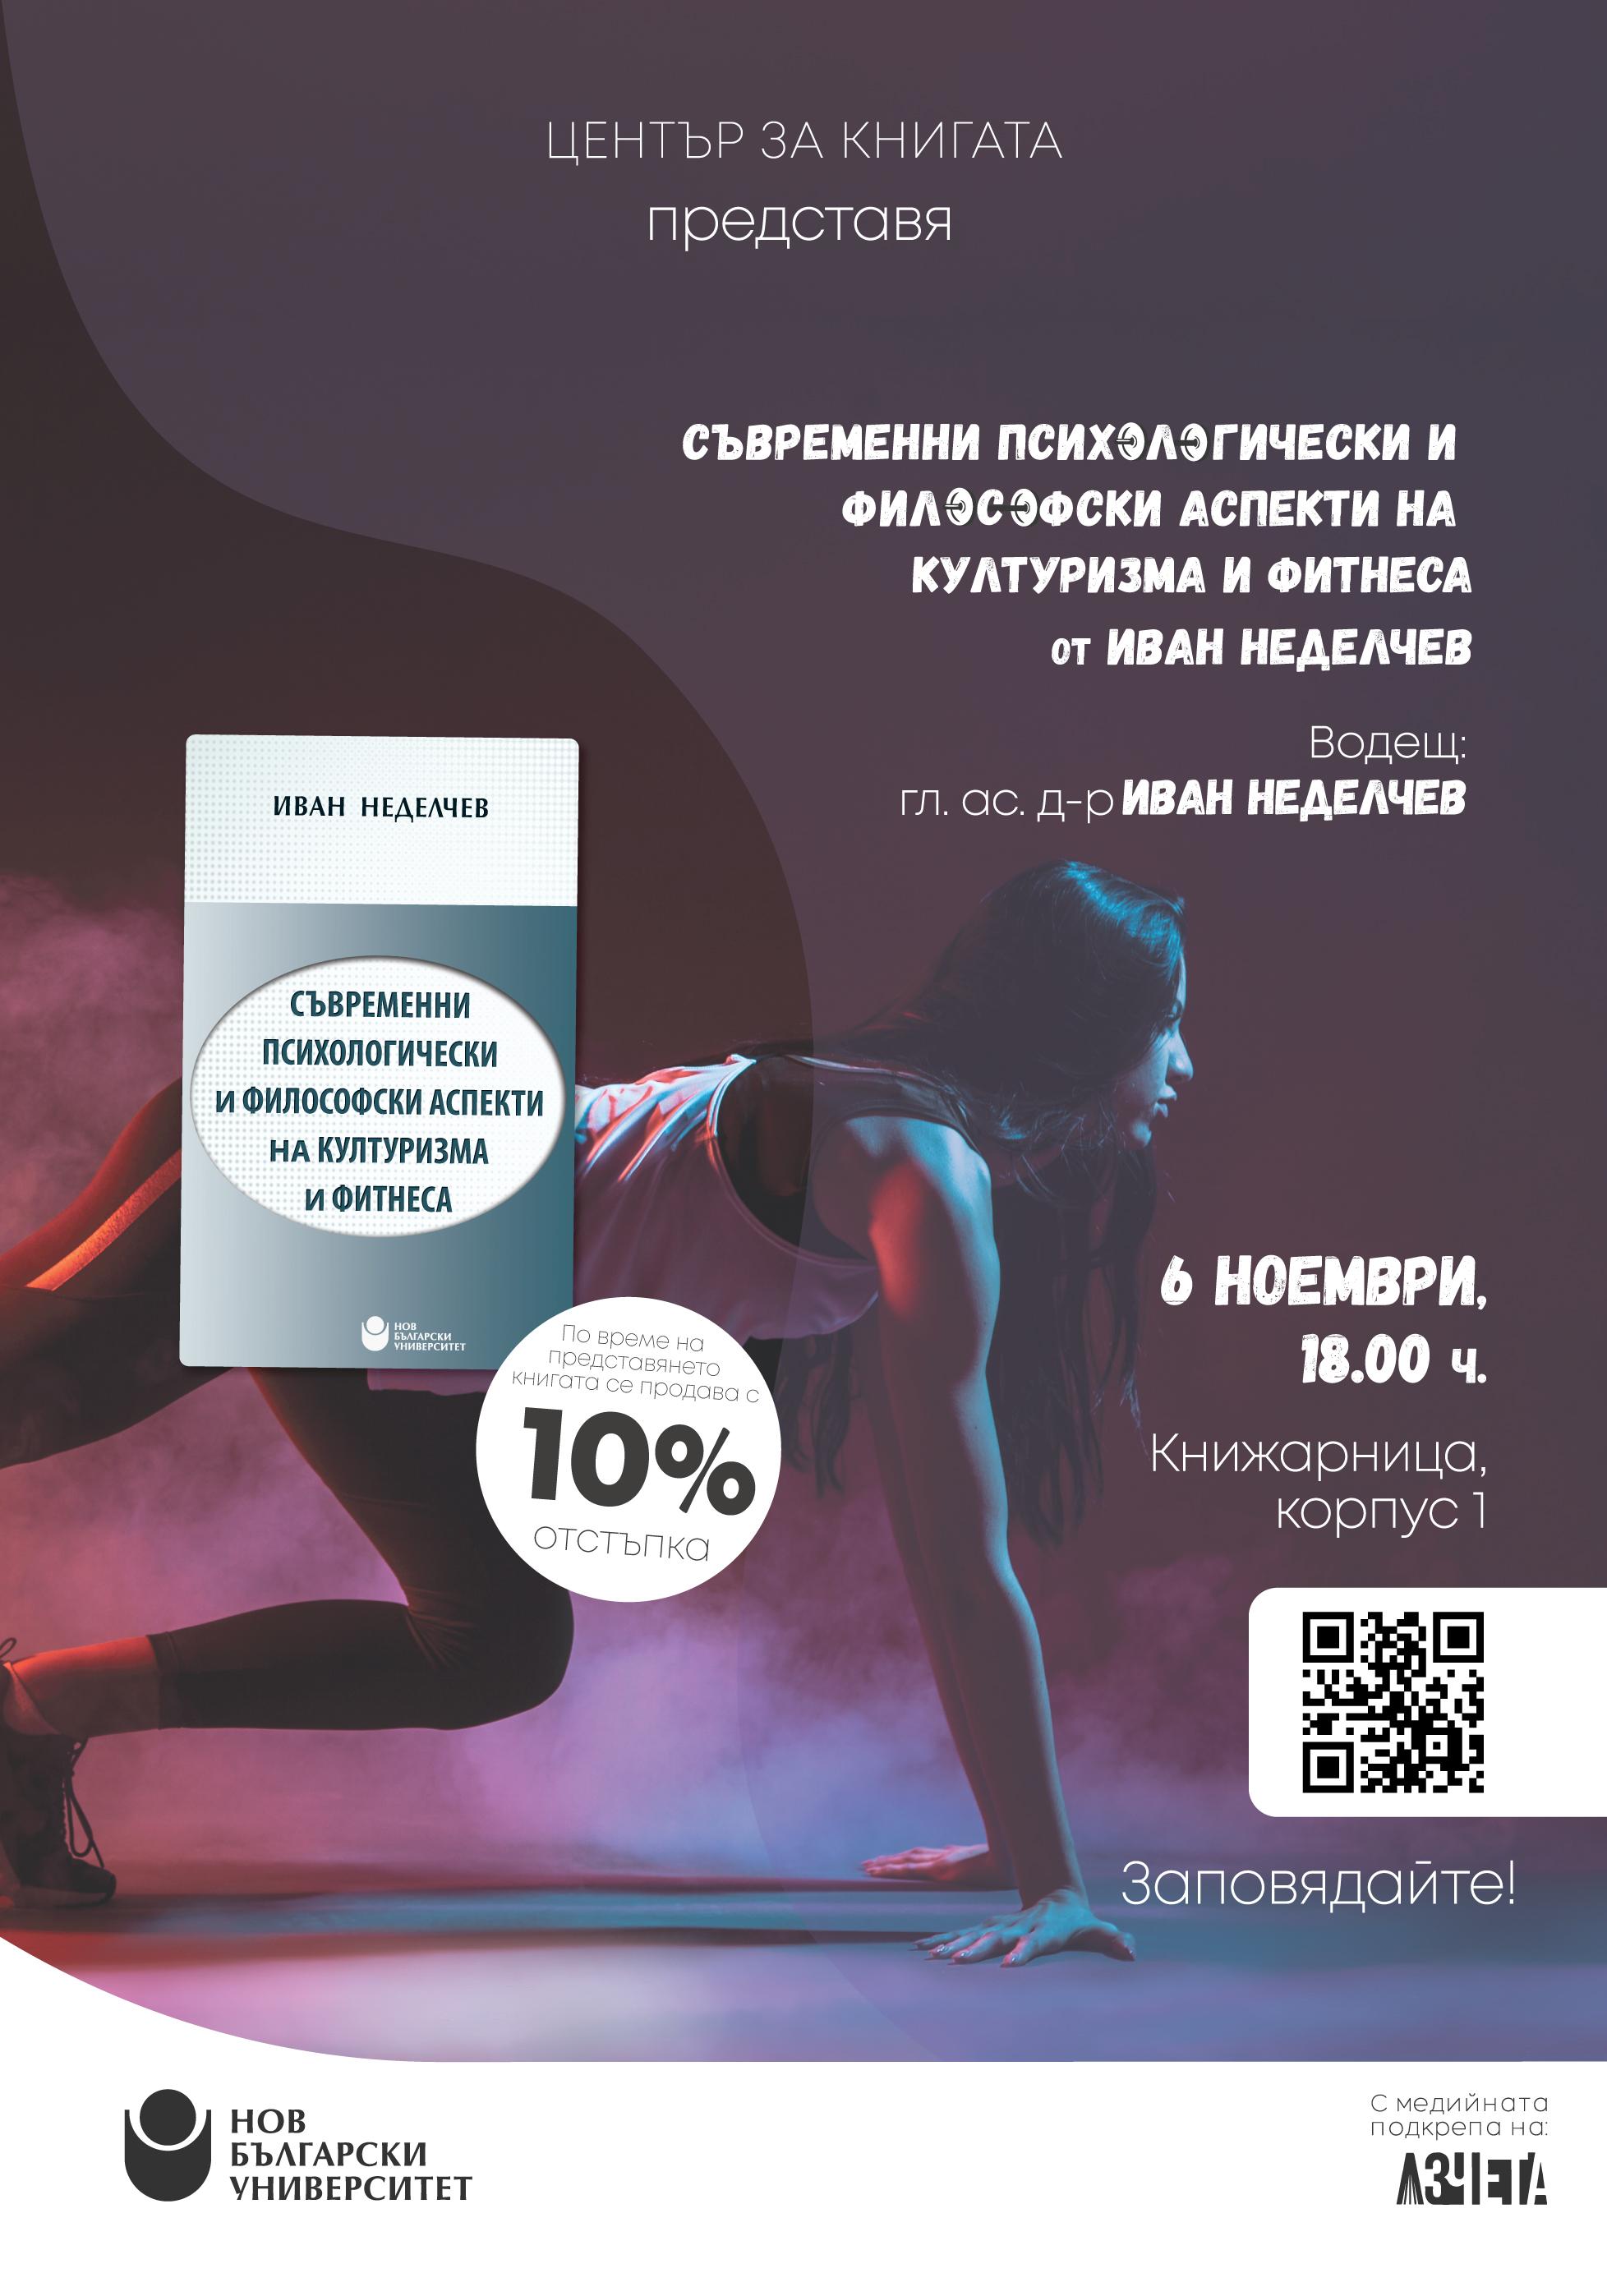 """Представяне на """"Съвременни психологически и философски аспекти на културизма и фитнеса"""""""